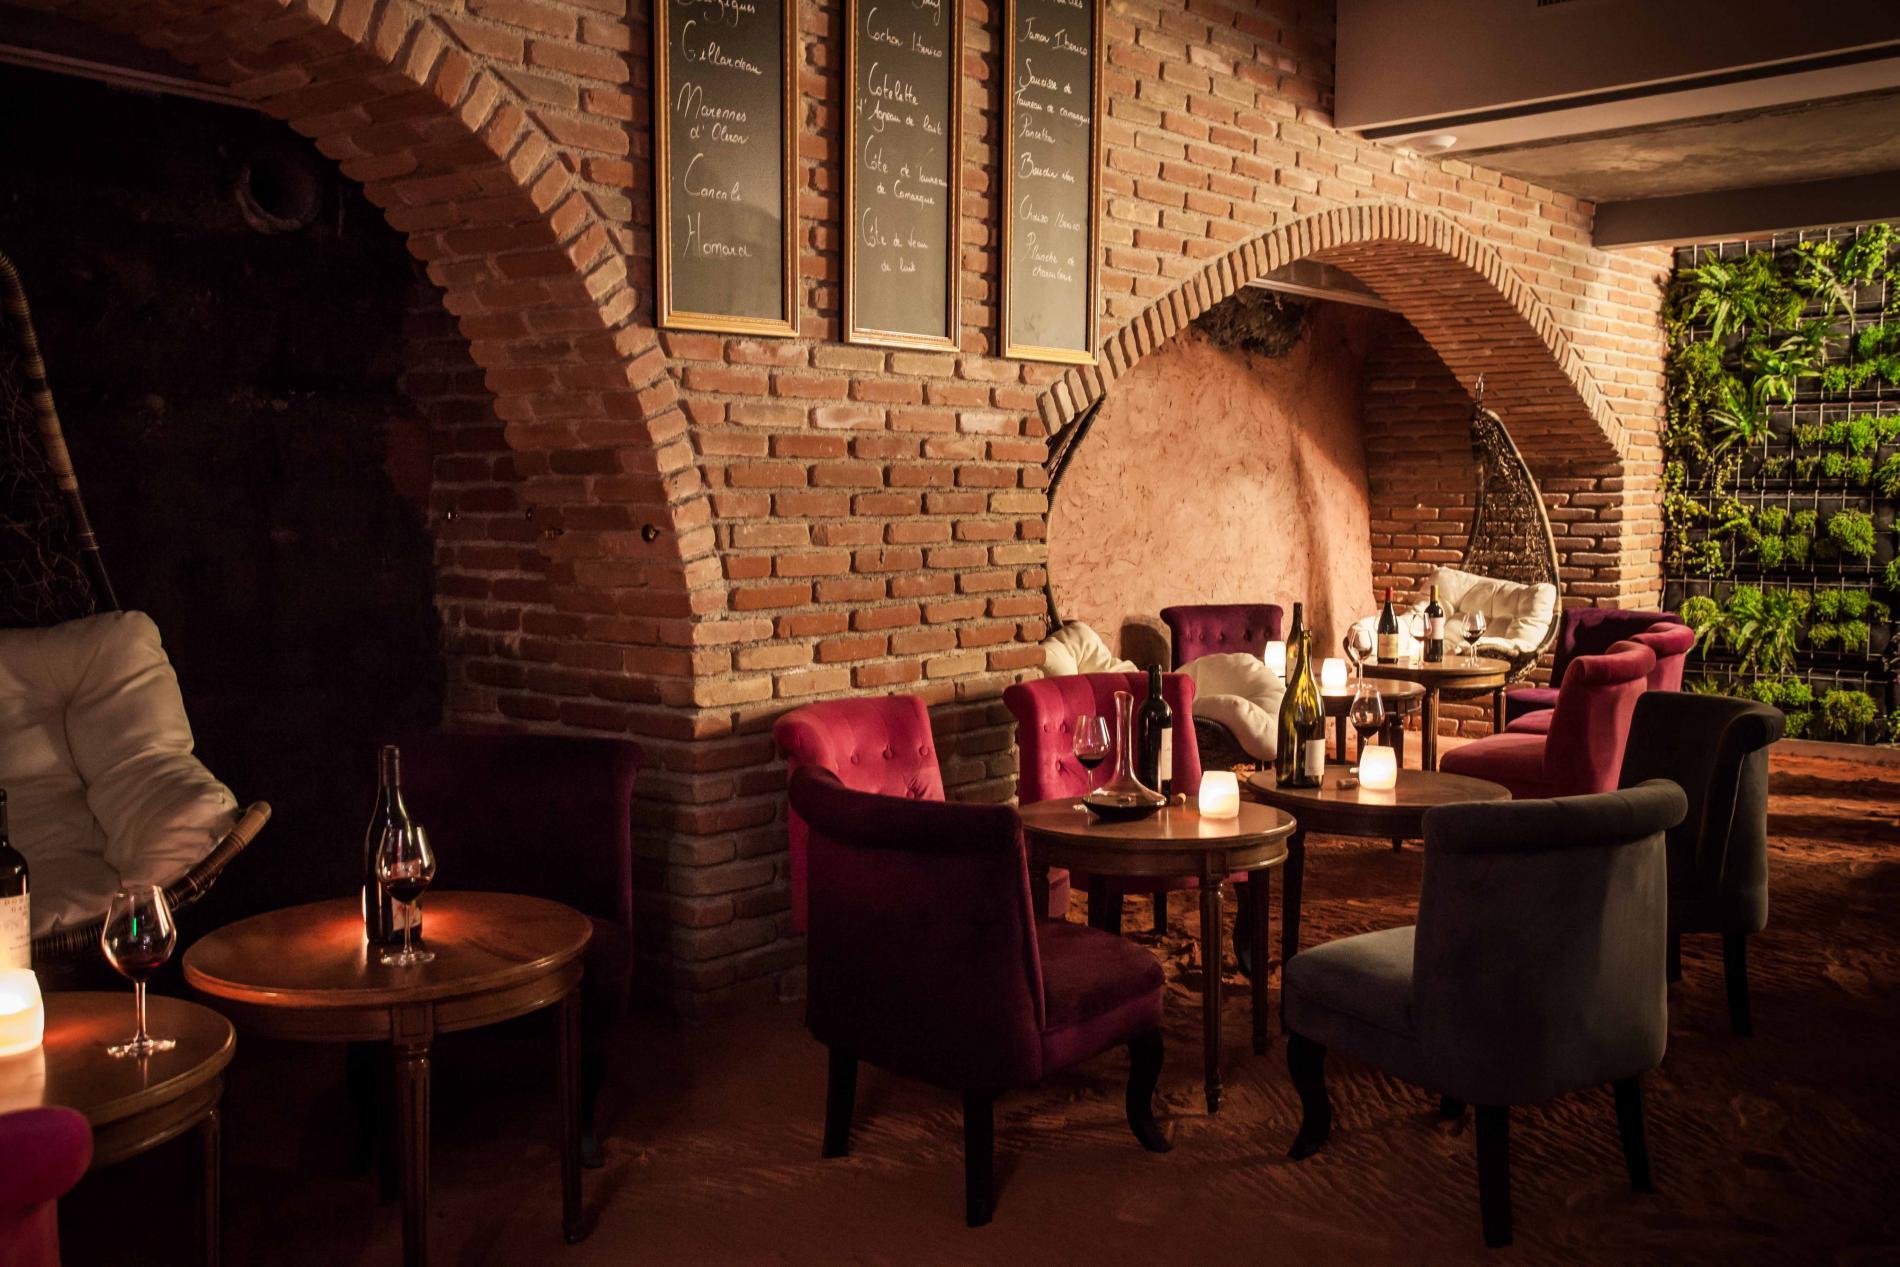 Un bar à grands vins, tapas, huîtres et cigares